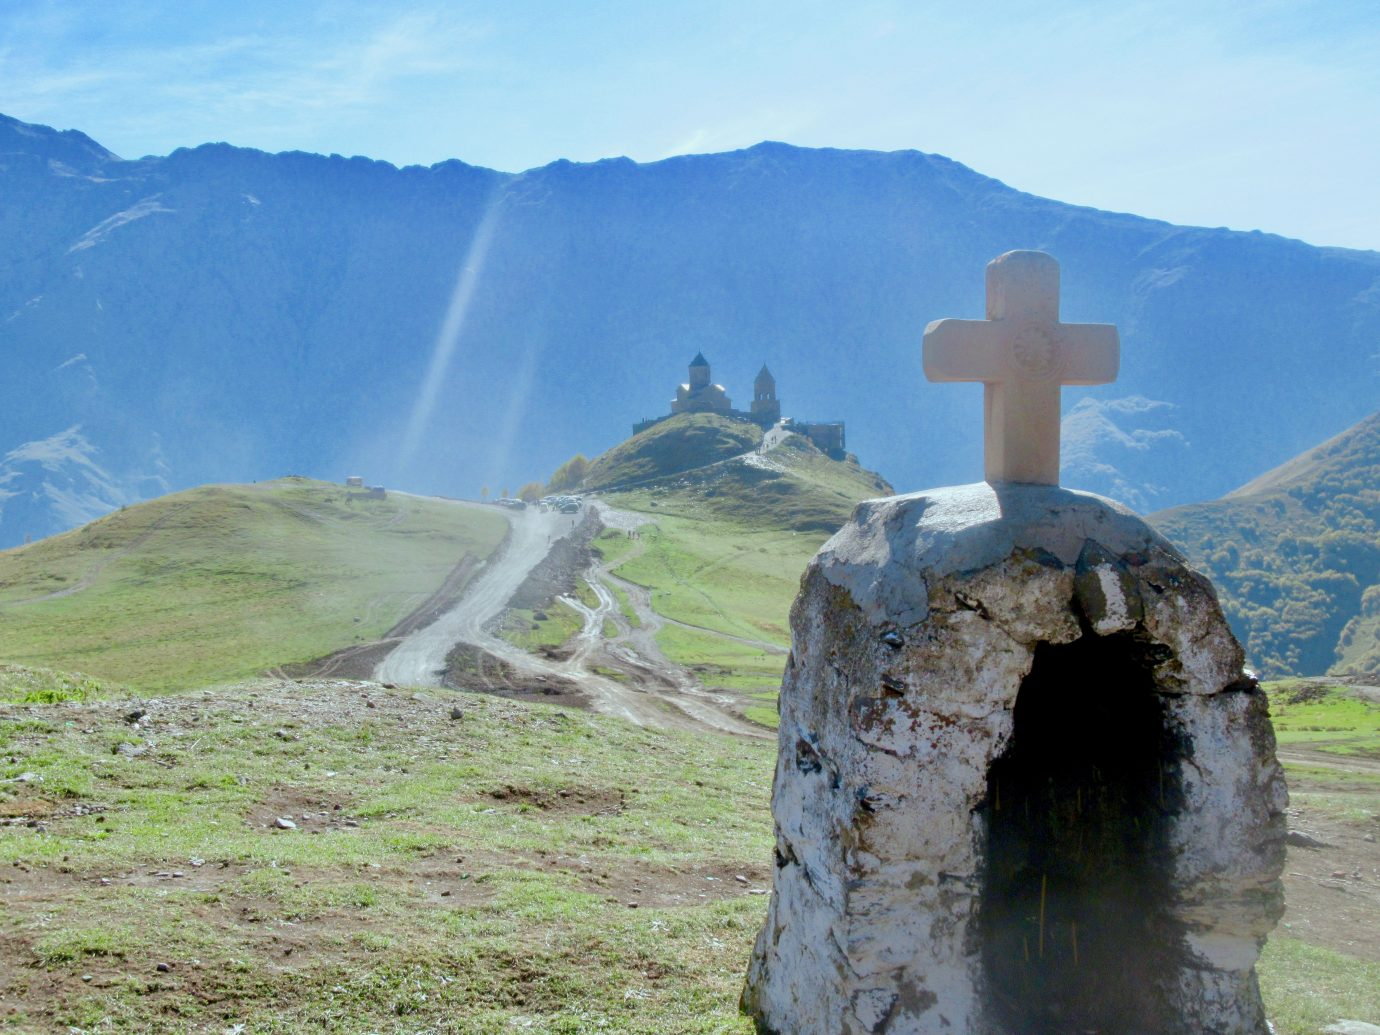 Monastery at Mount Kazbek